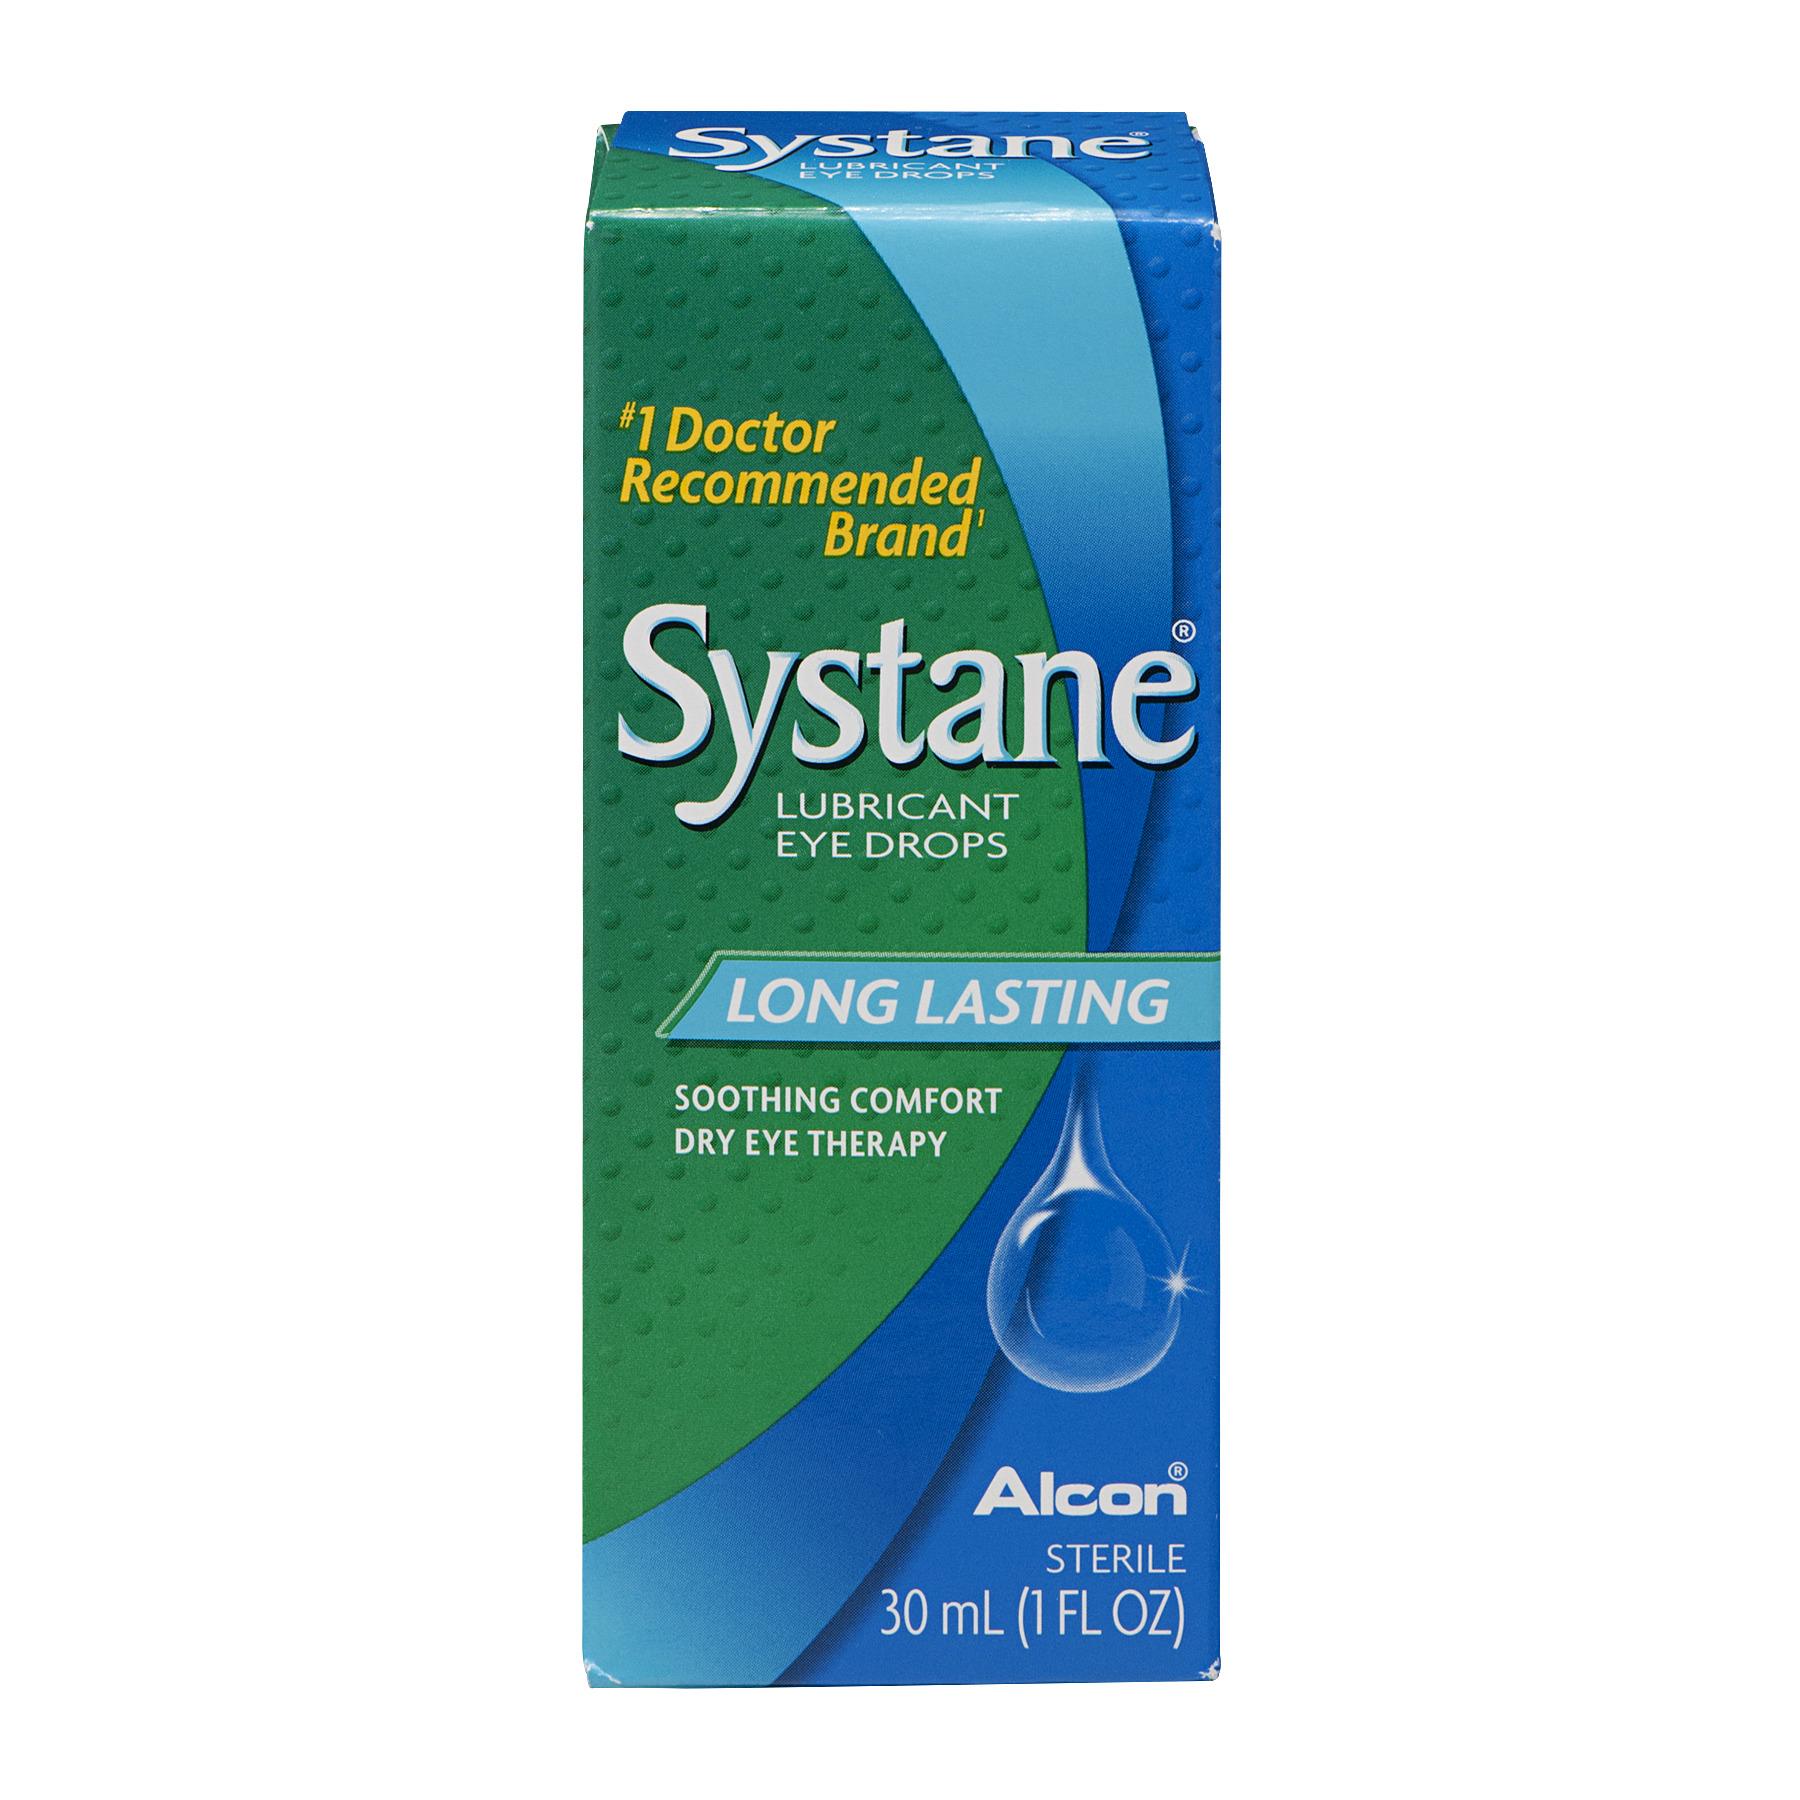 Systane Lubricant Eye Drops Long Lasting, 1.0 FL OZ